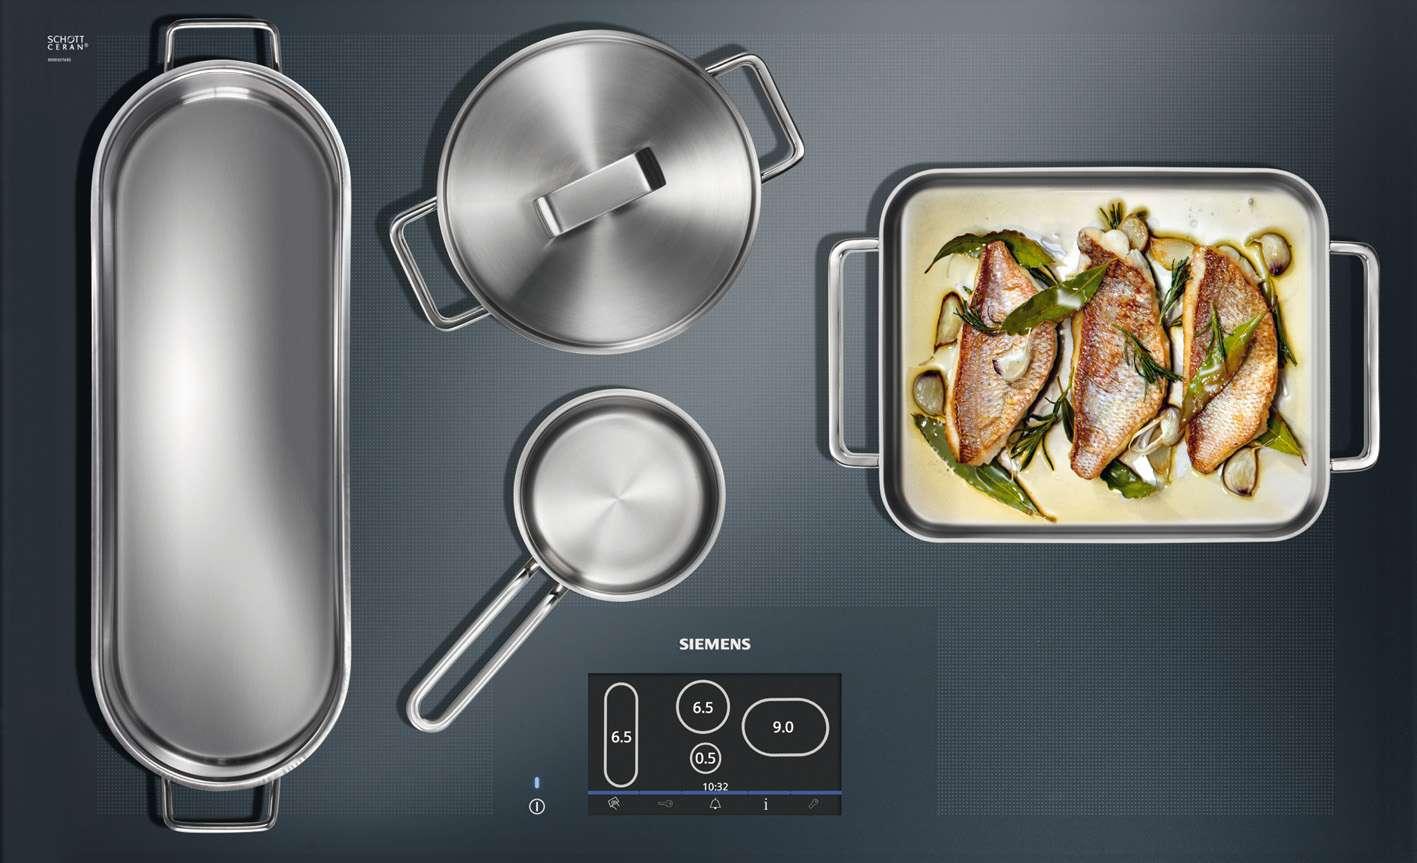 La plaque à induction de nouvelle génération de Siemens repère la casserole, que l'on peut donc poser à n'importe quel endroit de la plaque. L'ordinateur détecte même sa forme et permet de gérer la cuisson via un écran tactile. © Siemens